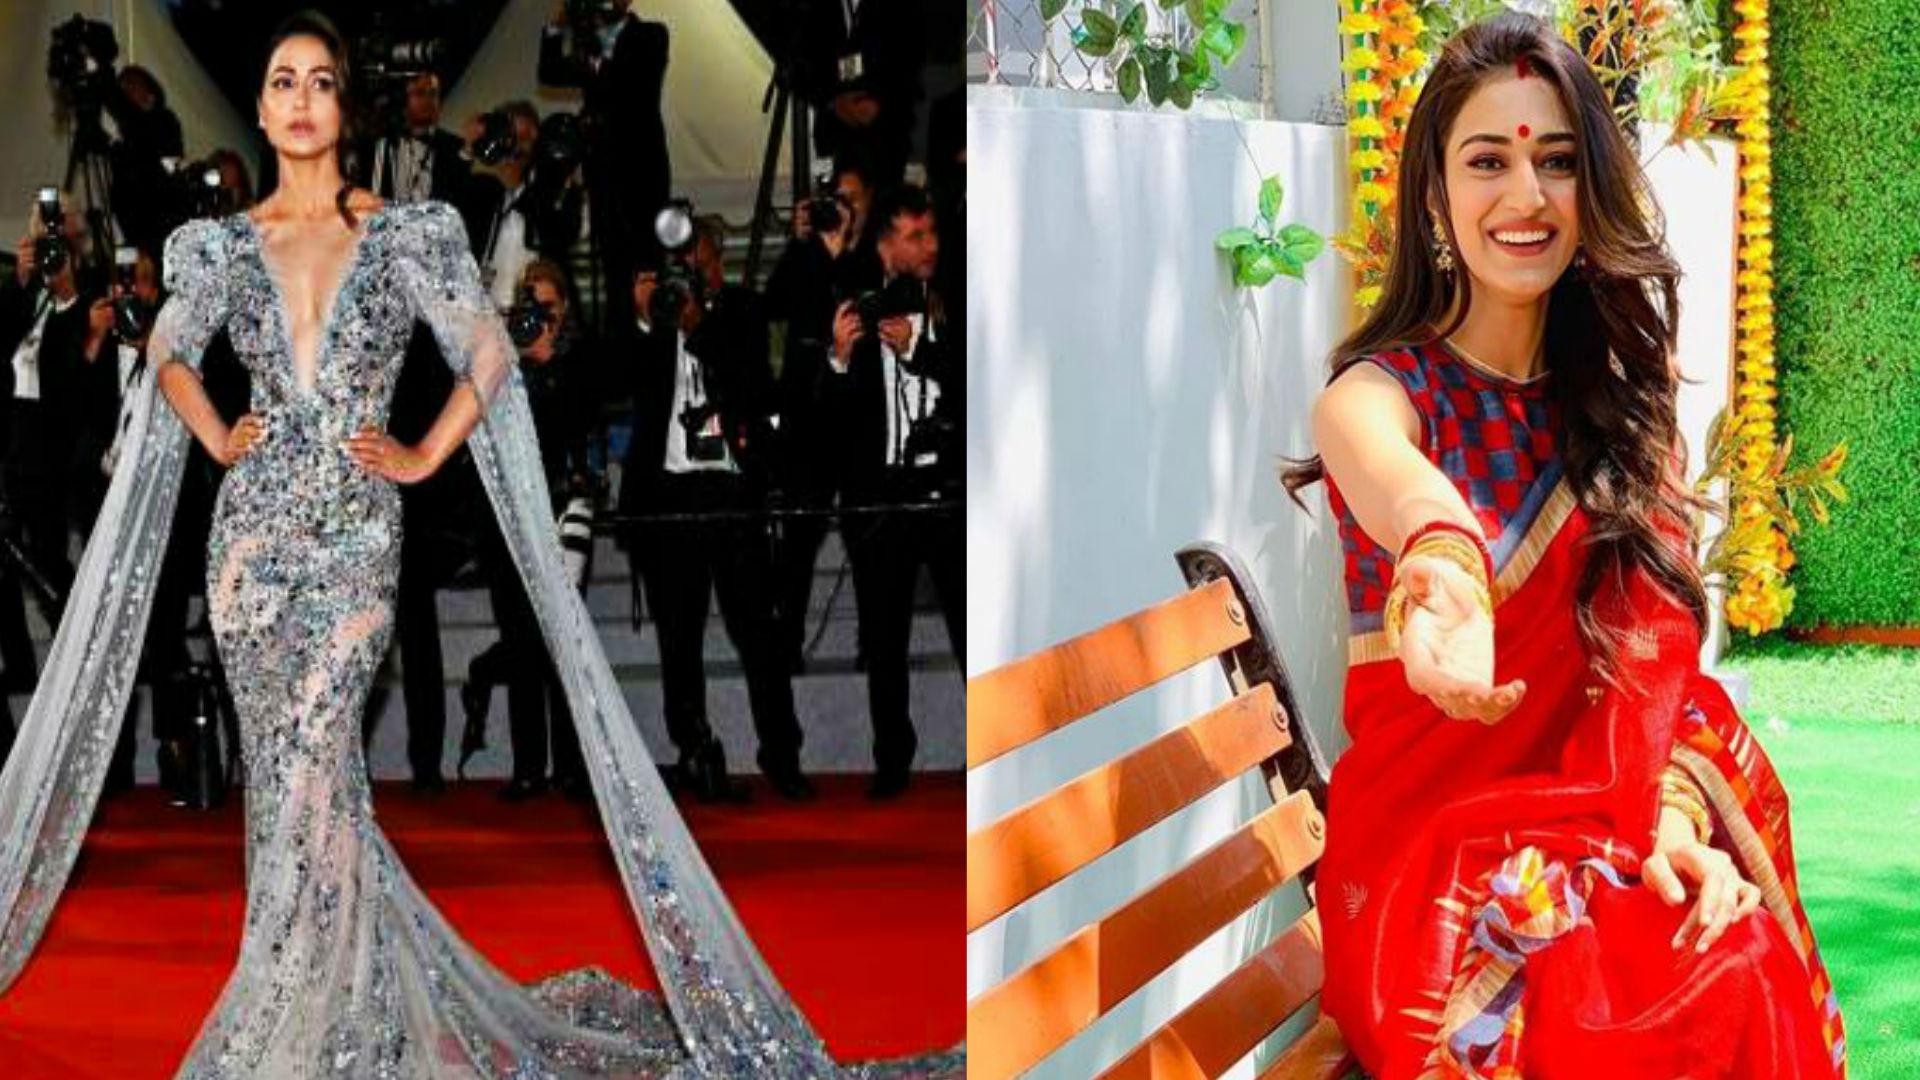 Cannes 2019: हिना खान को रेड कार्पेट पर उतरा देख एरिका फर्नांडिस ने दिया ऐसा रिएक्शन, तारीफ में कही ऐसी बात